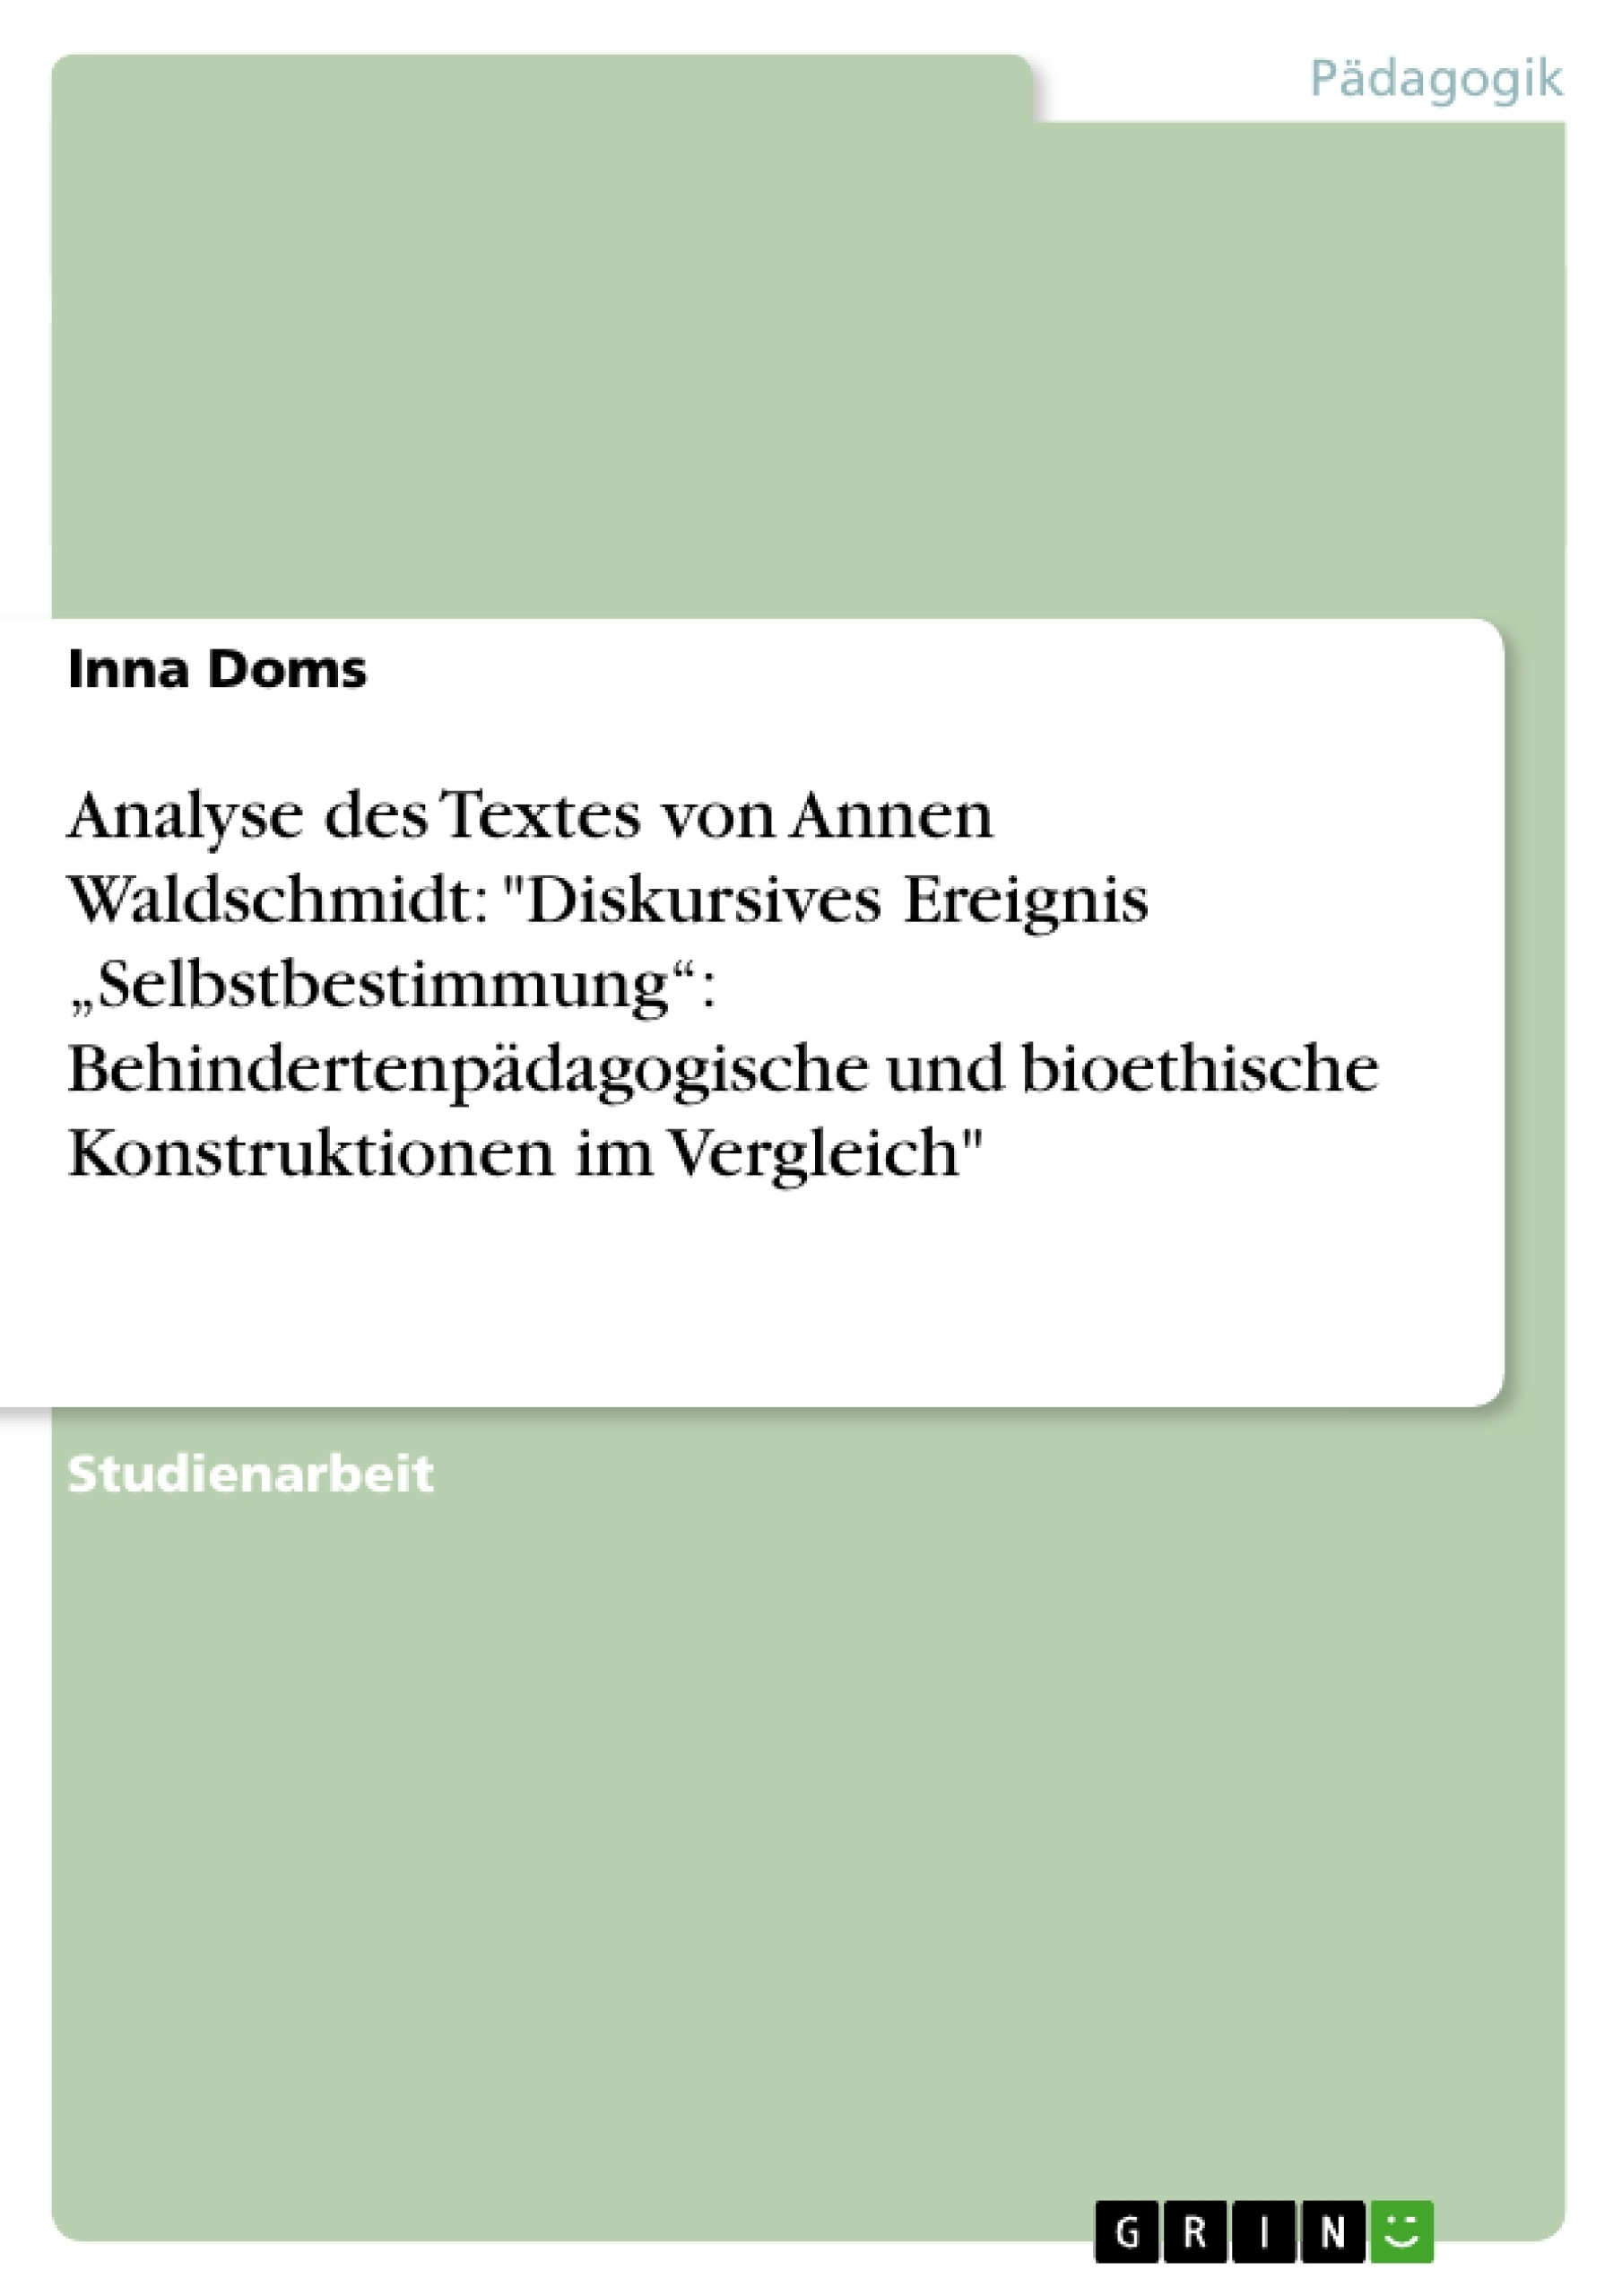 """Titel: Analyse des Textes von Annen Waldschmidt: """"Diskursives Ereignis """"Selbstbestimmung"""": Behindertenpädagogische und bioethische Konstruktionen im Vergleich"""""""